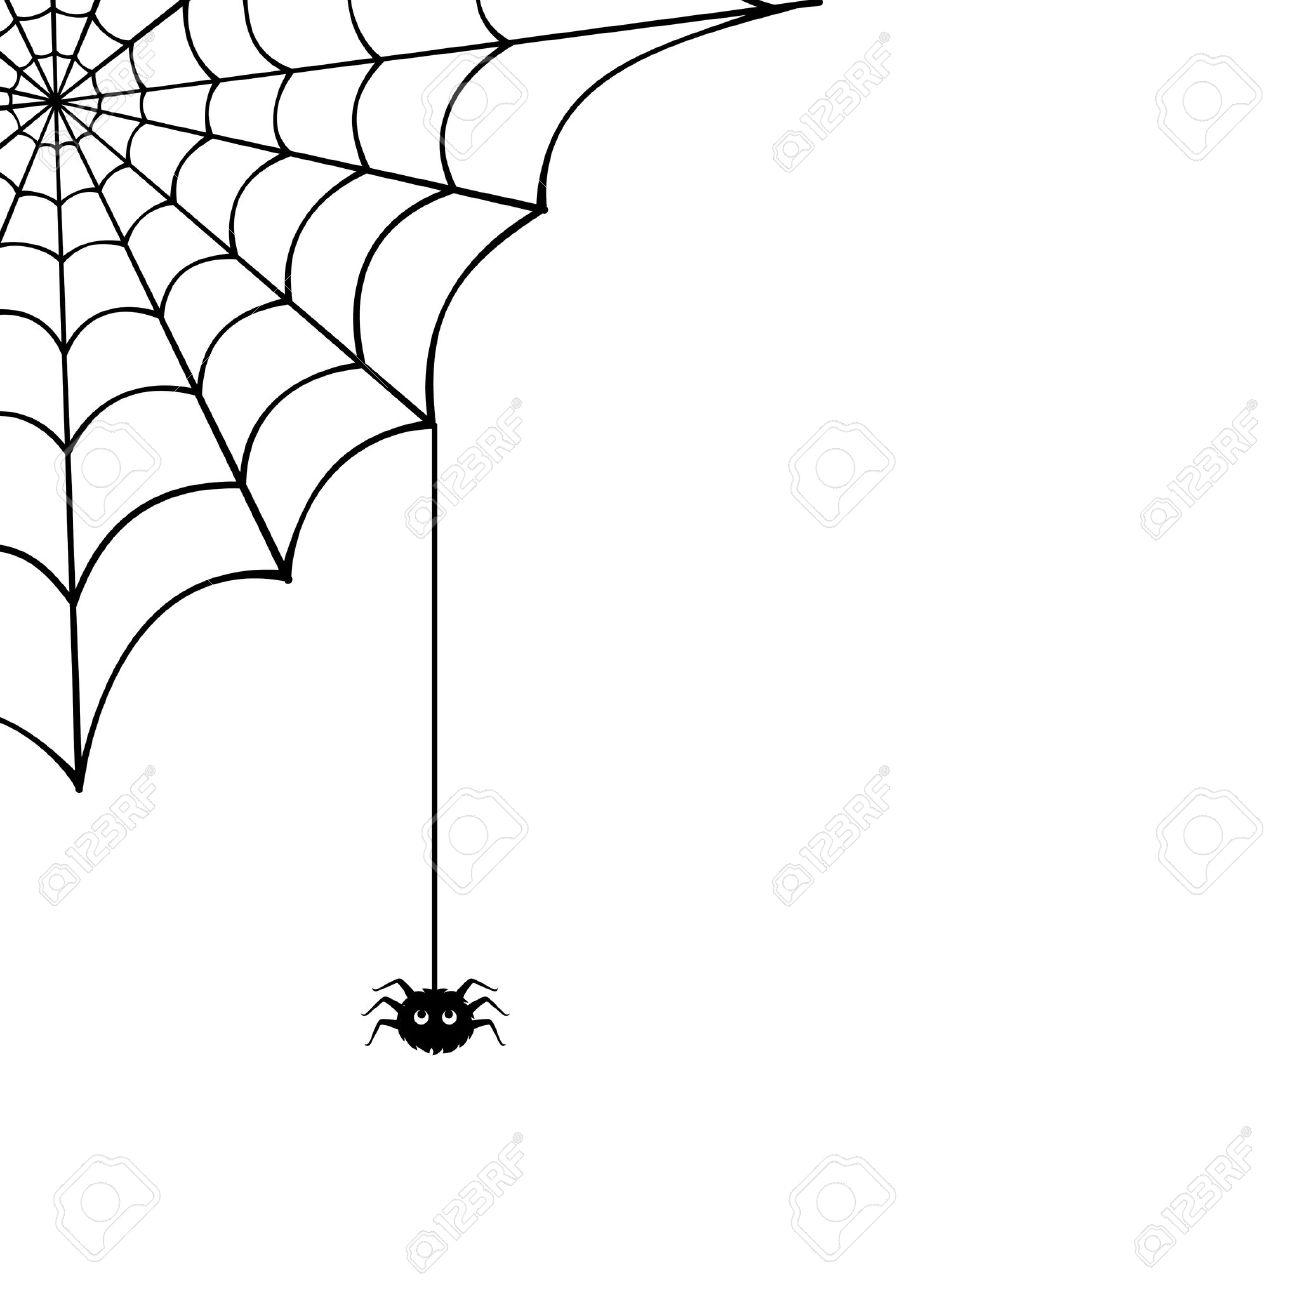 Toile D'araignée Et Araignée Illustration destiné Toile D Araignée Dessin